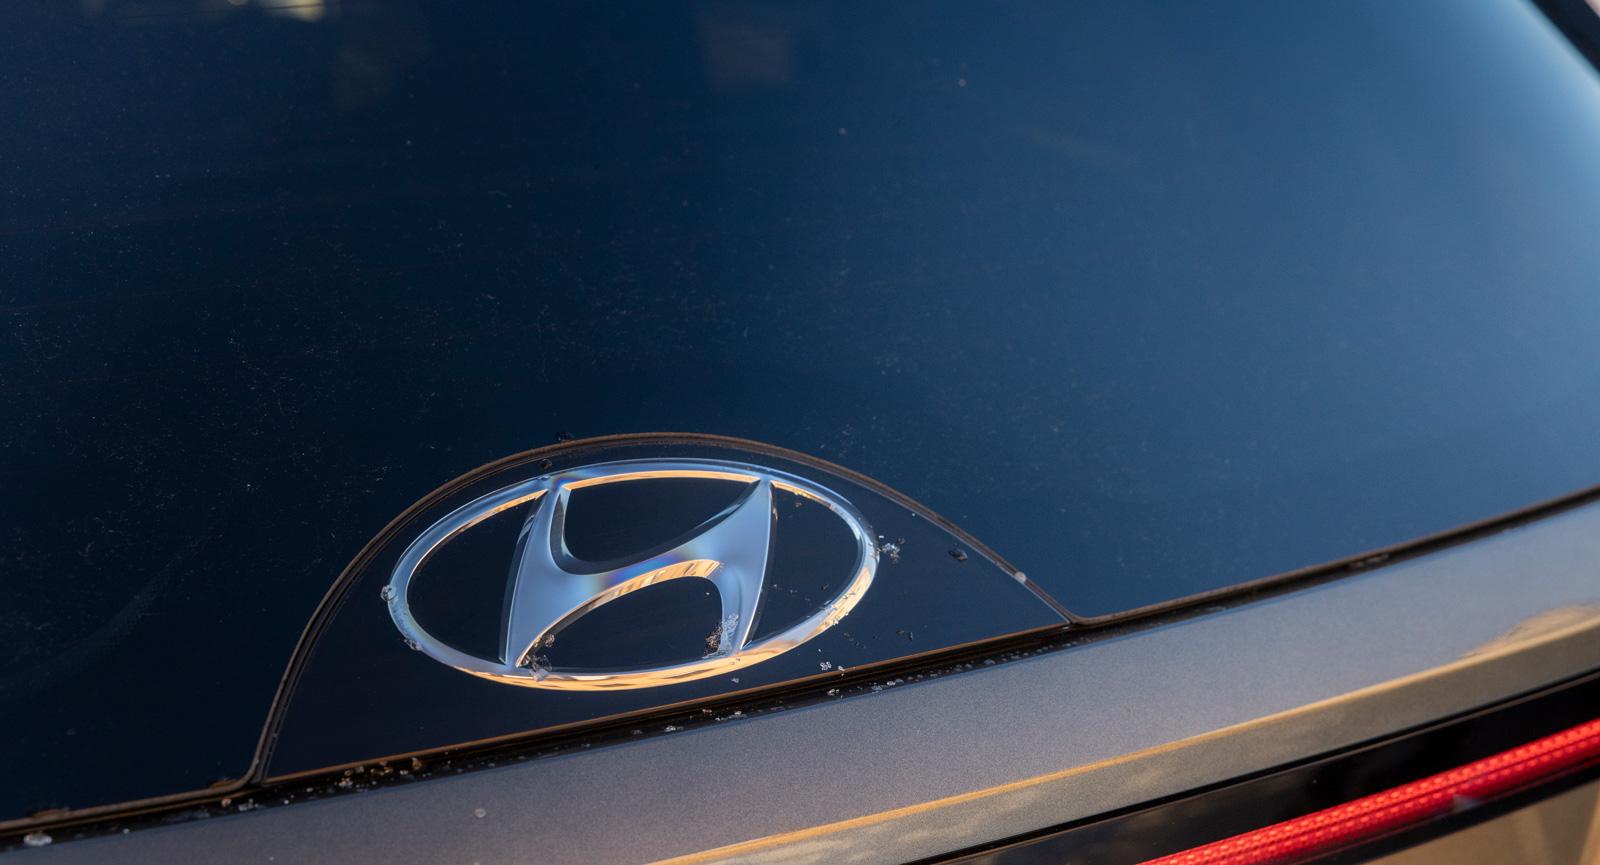 3. Hyundaimärket är infällt i plast, inte glas. Hur många kommer att tänka på det när vindrutan skrapas? Stor reprisk.